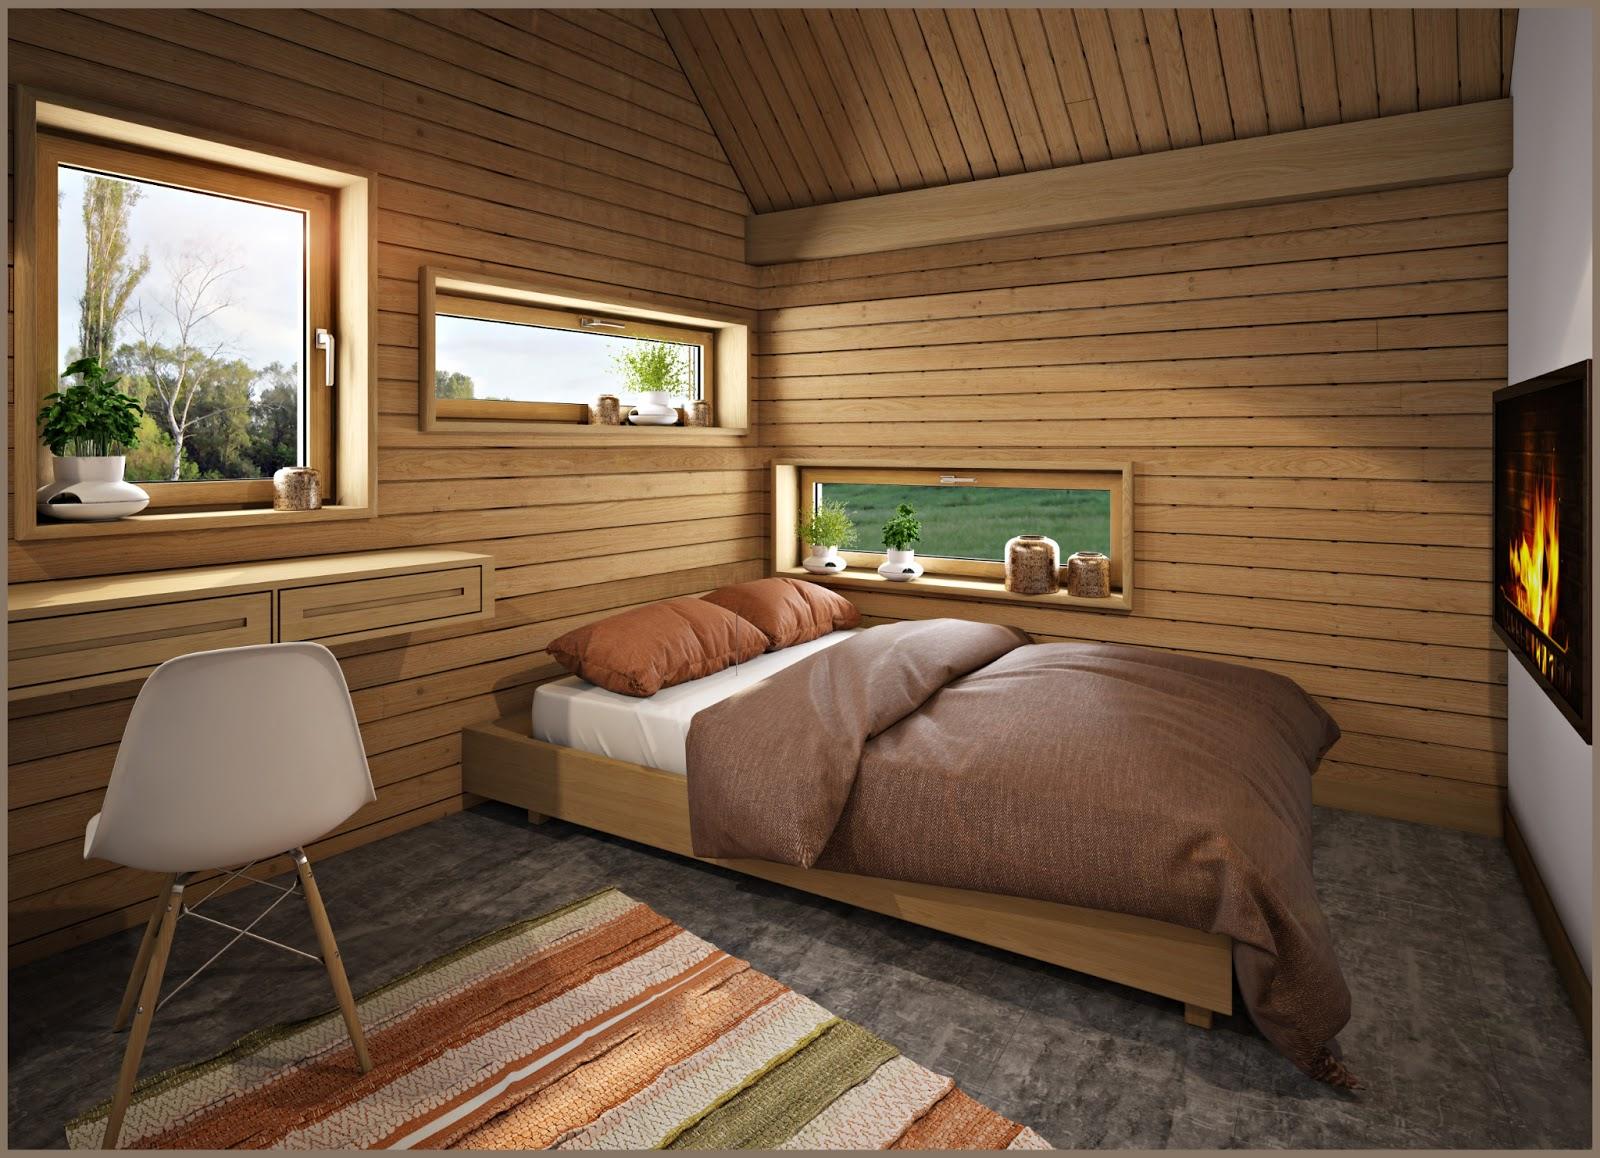 Интерьер небольшой спальни в доме фото